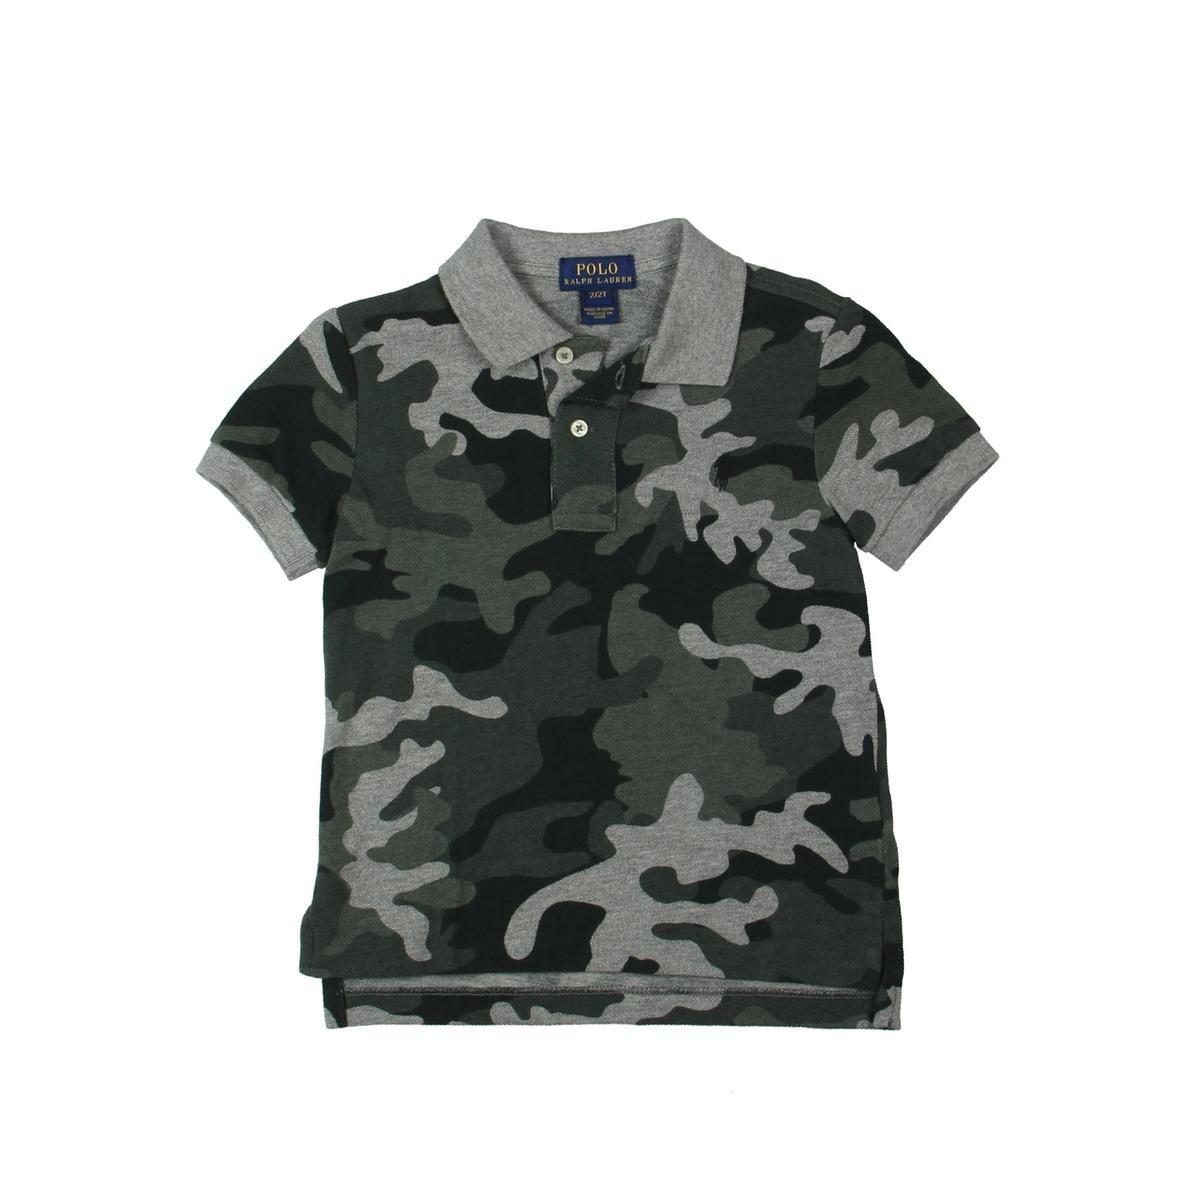 ed345edbb1a9 Shop Polo Ralph Lauren Polo Shirt Toddler Boys Camo - Free Shipping On  Orders Over  45 - Overstock - 23553324